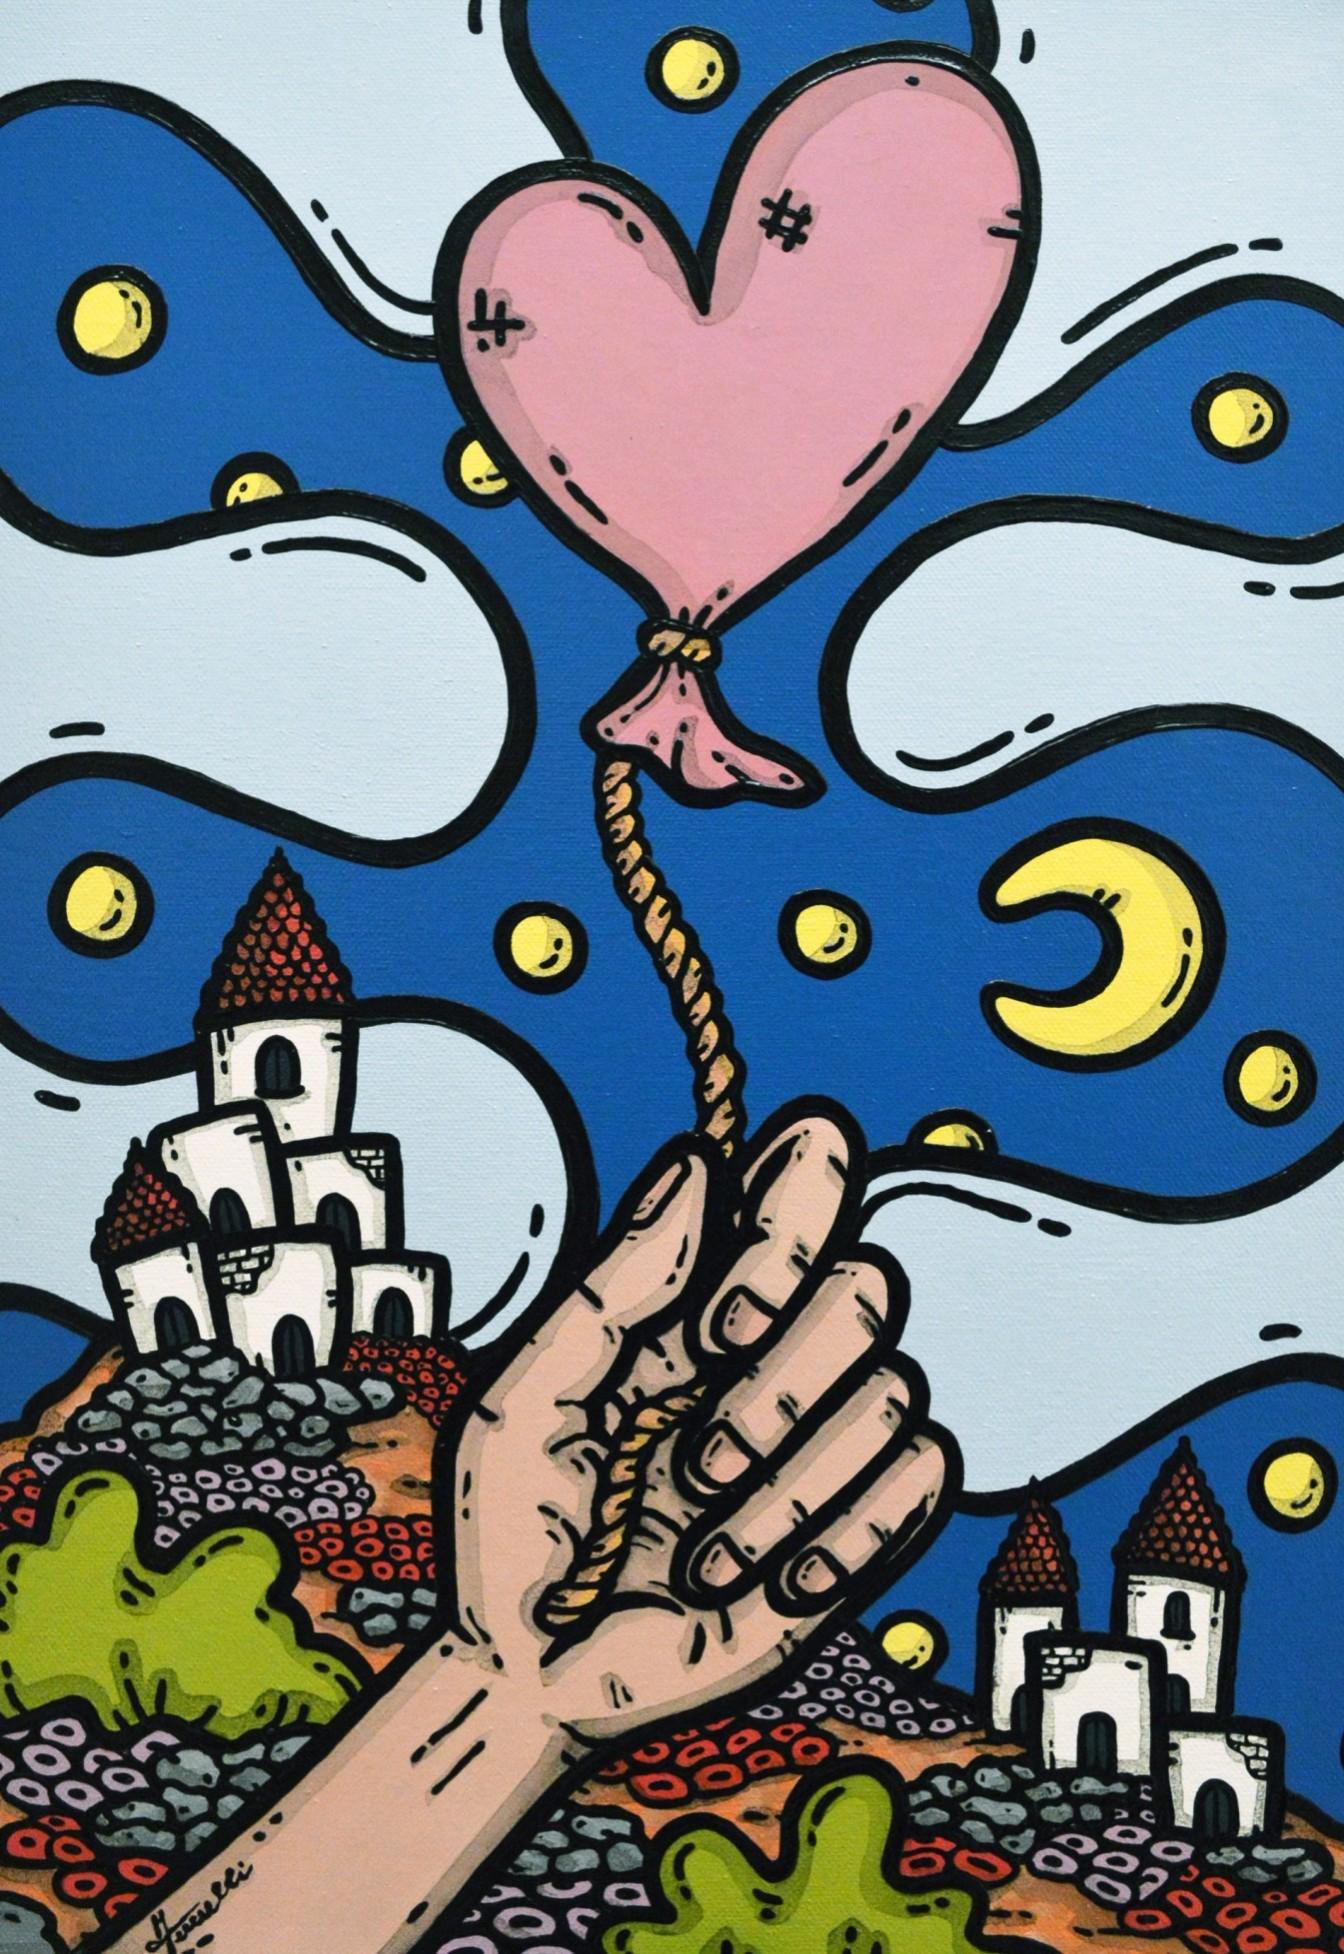 opera d'arte, contornismo metafisico, francesco ferrulli, pittore pugliese, artista italiano, arte contemporanea, dipinto, olio su tela, acrilico su tela, paesaggi pugliesi, quadro colorato, oil on canvas, art, painter, cuore, liberi d'amare